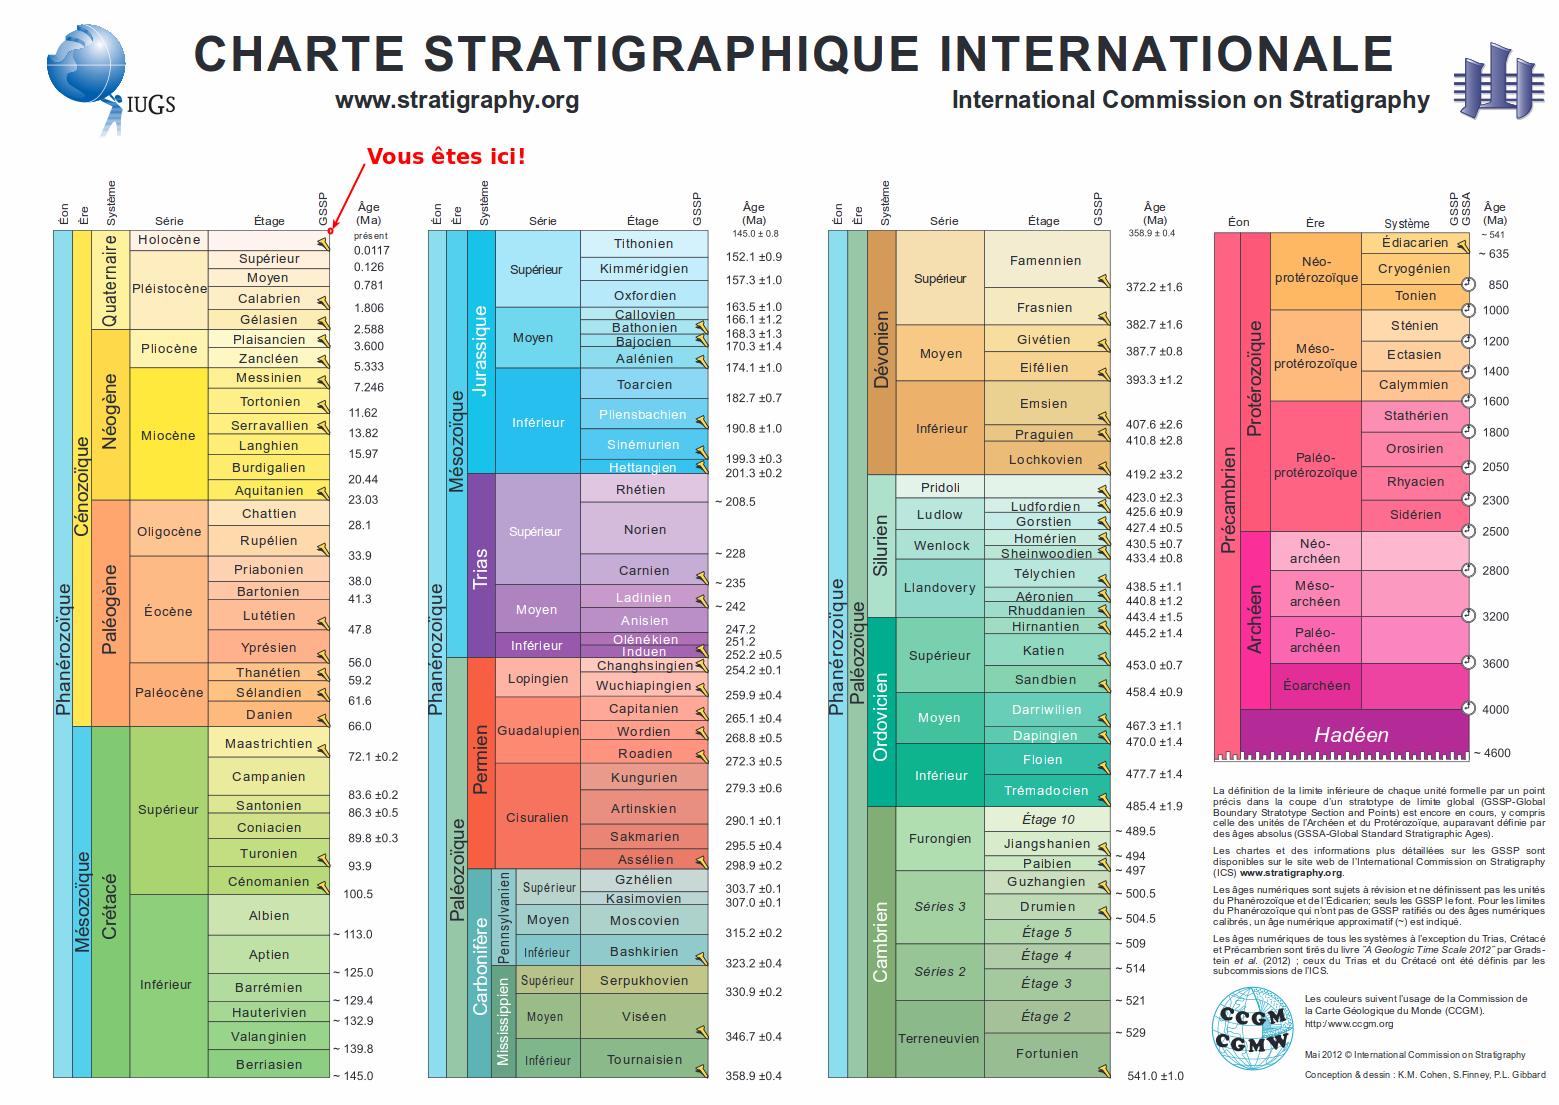 Stratigraphie ou la place de l'homme dans l'histoire de la Terre